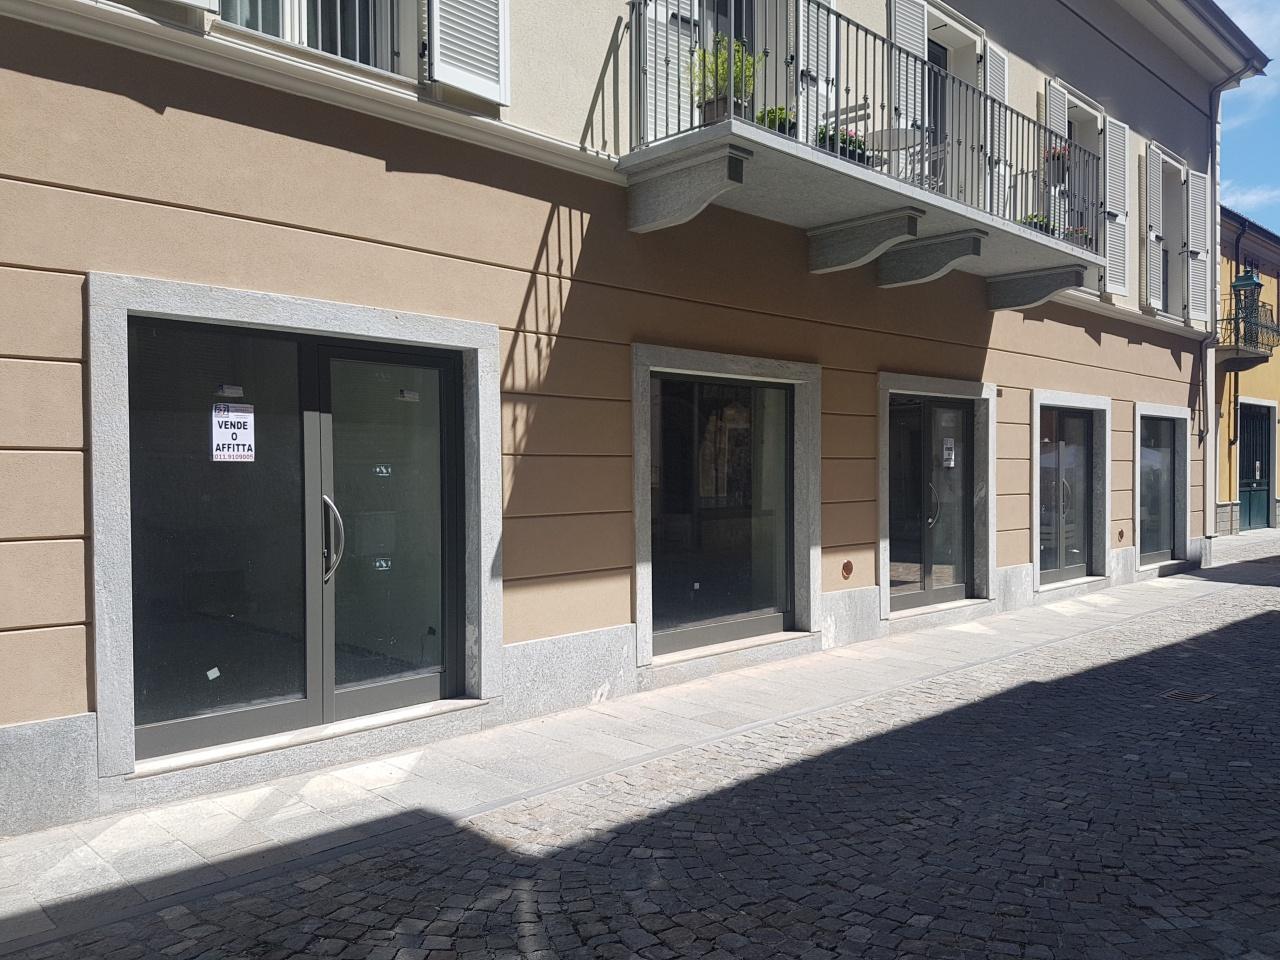 Negozio / Locale in affitto a Chivasso, 3 locali, Trattative riservate | CambioCasa.it